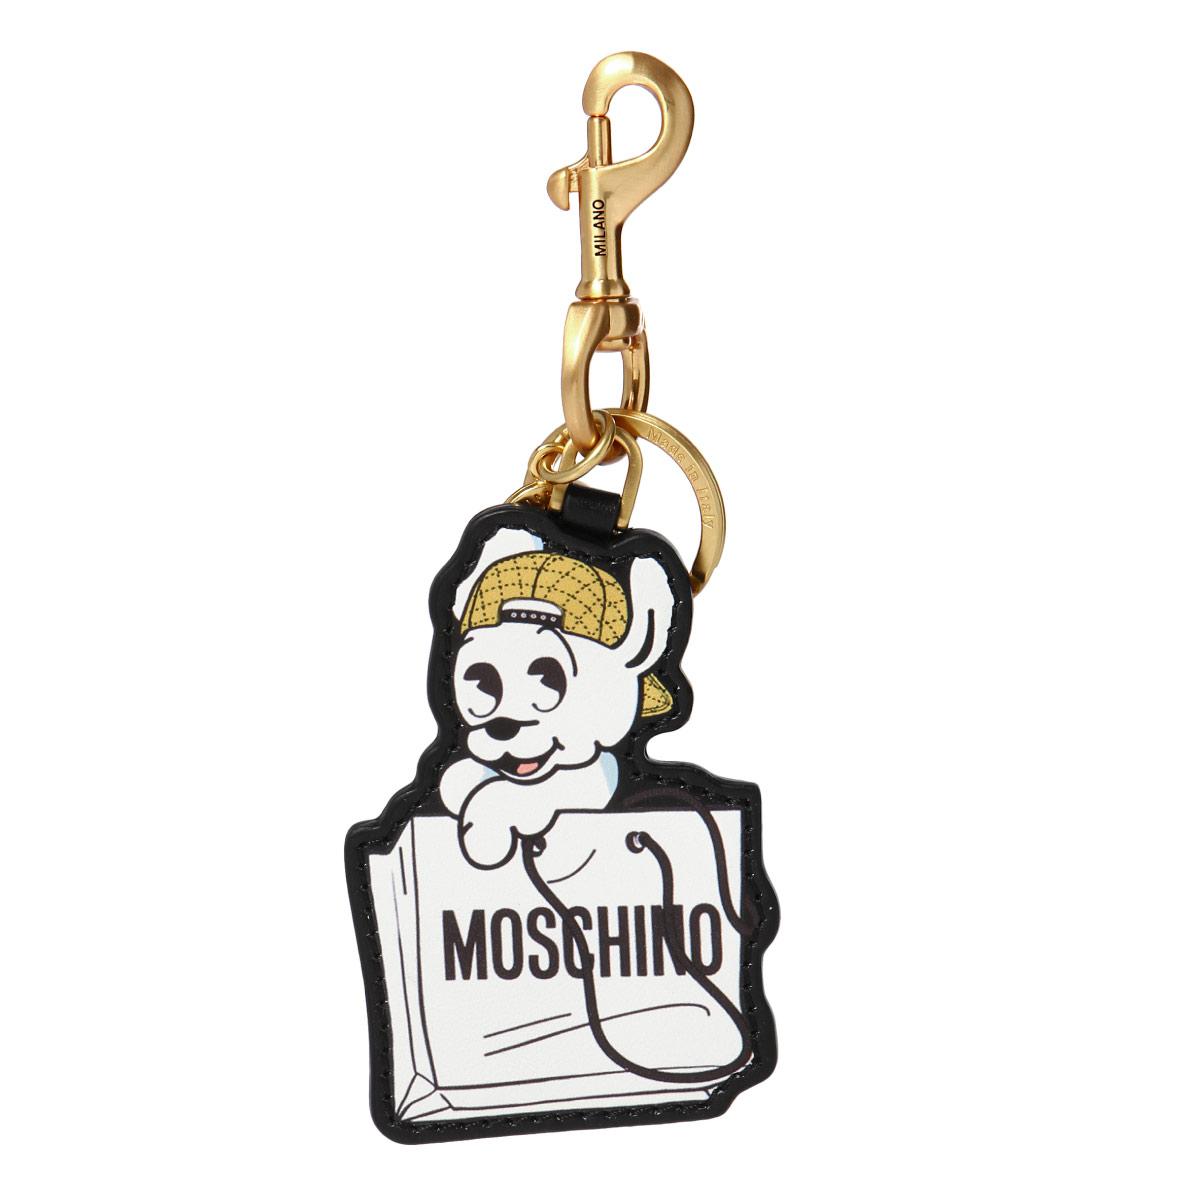 モスキーノ MOSCHINO チャーム レディース 8599 8060 1001 MULTI マルチカラー